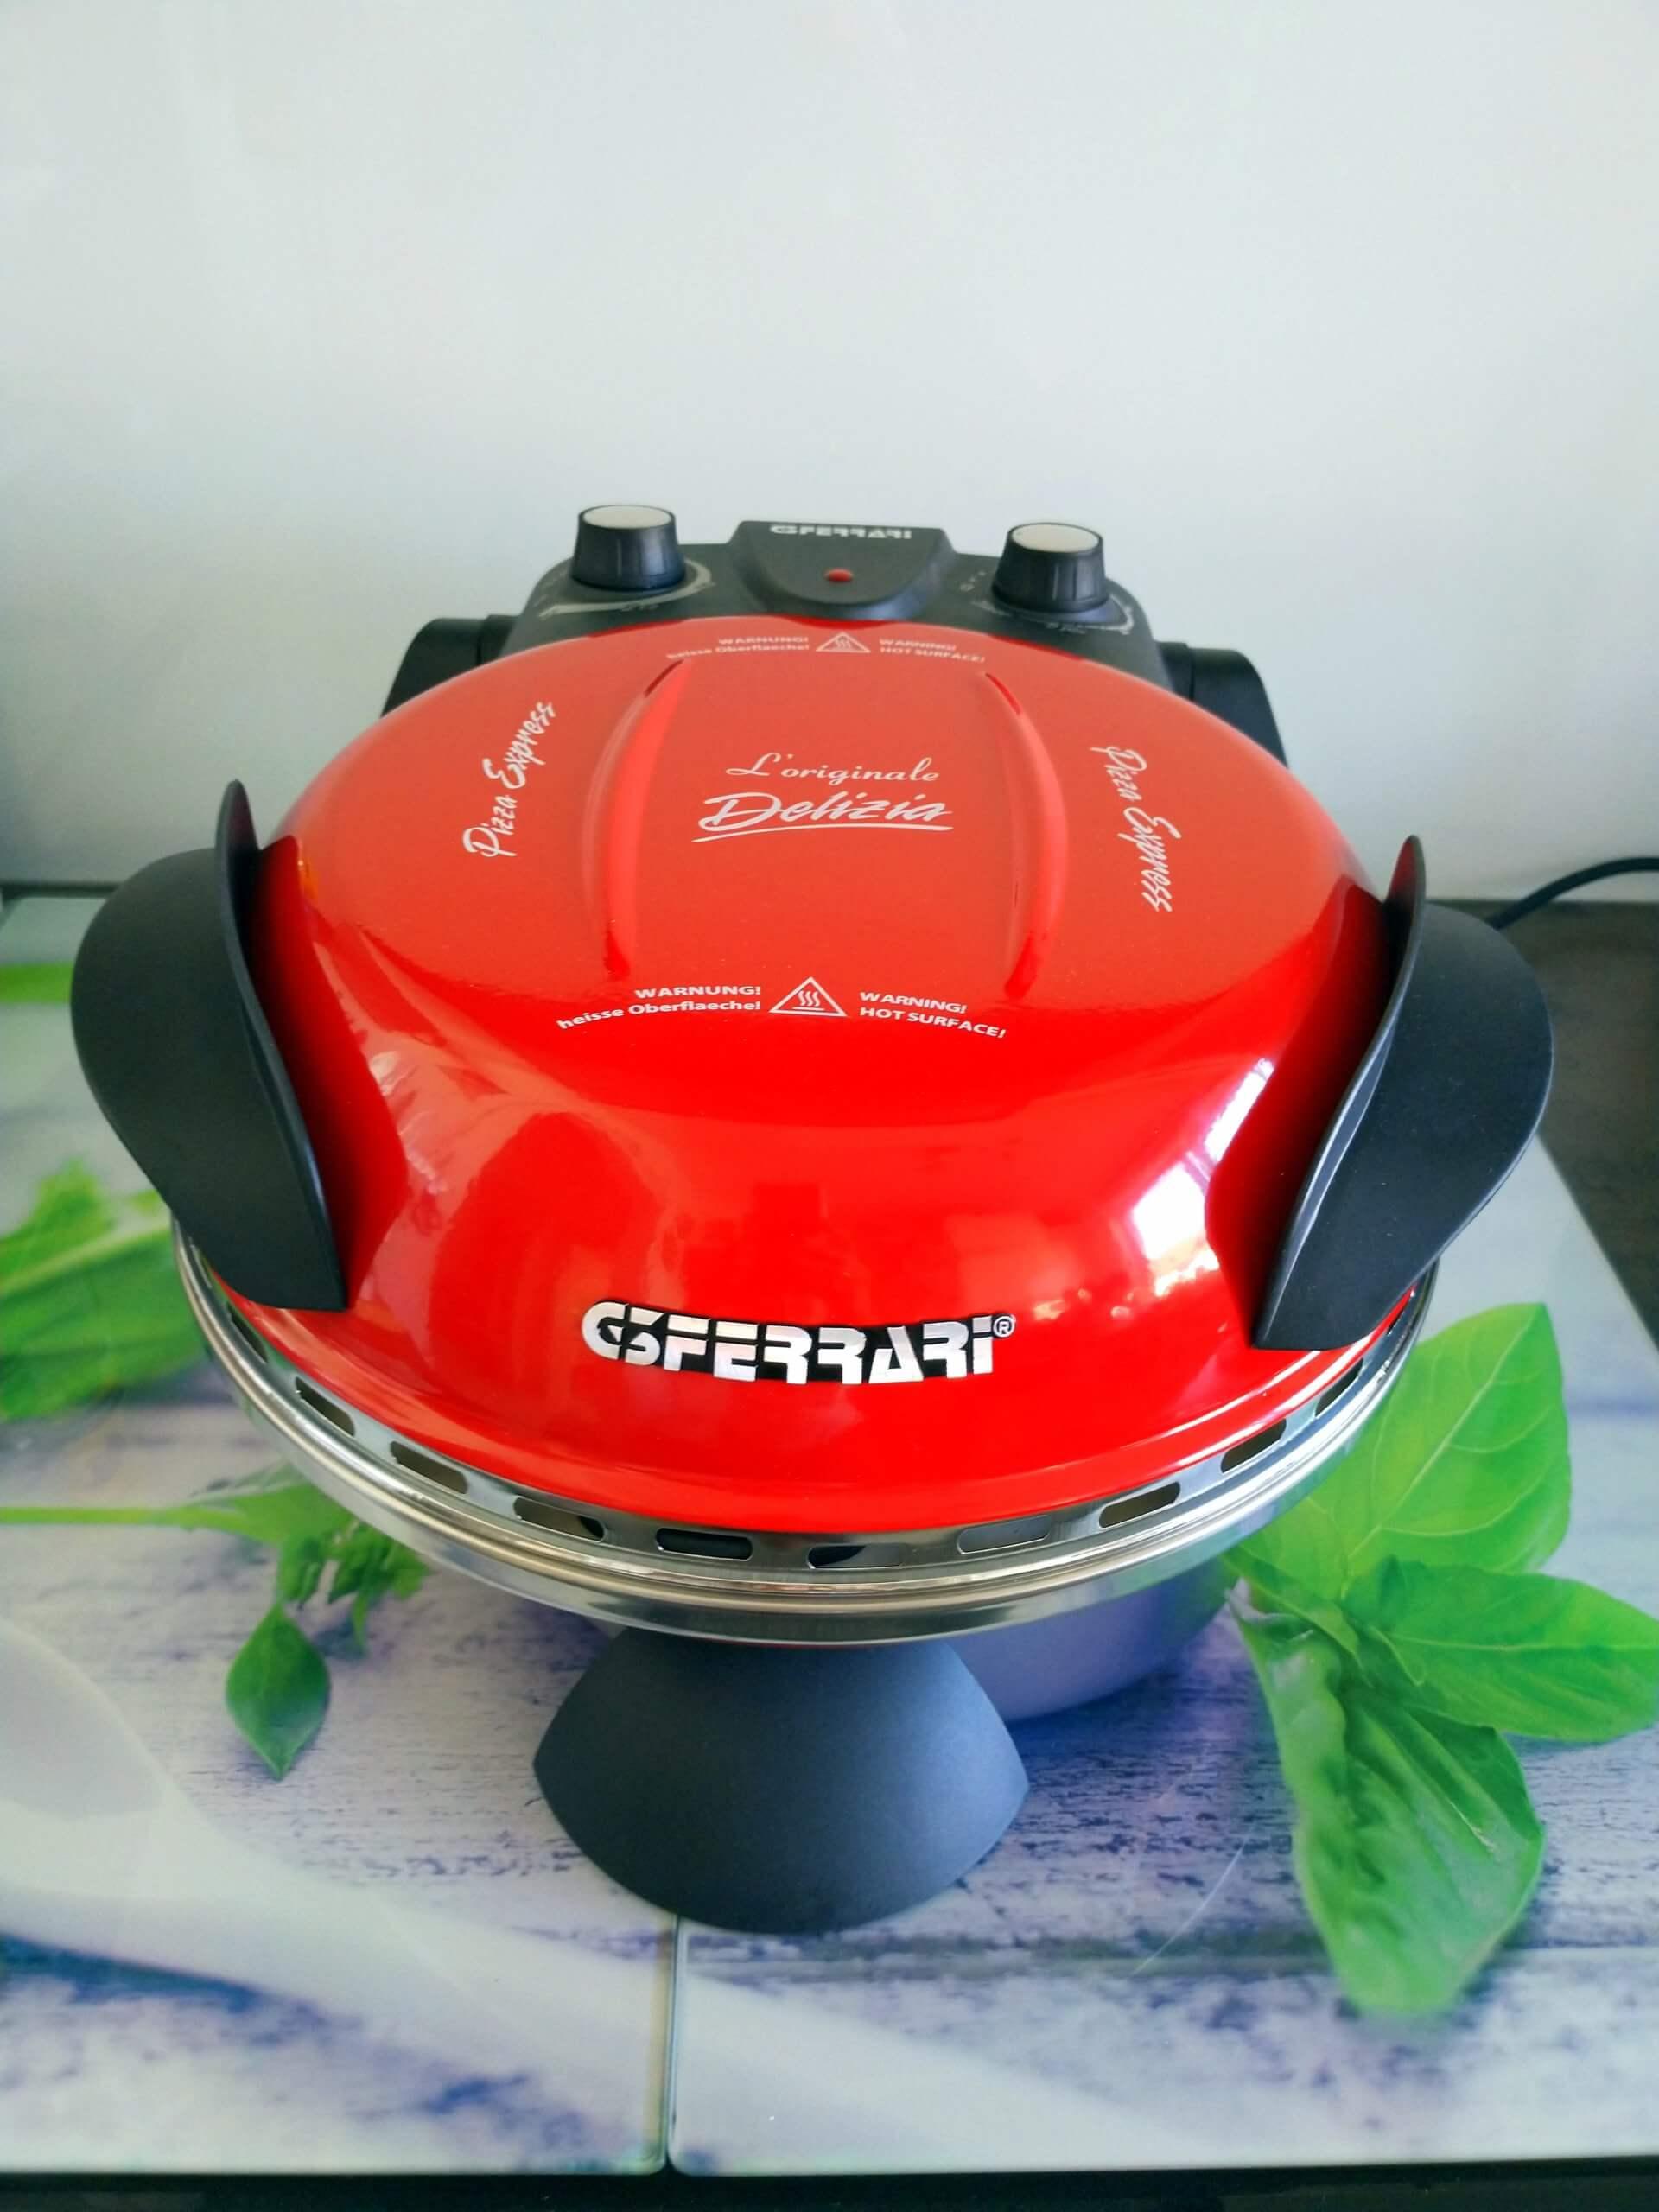 G3 Ferrari Pizzaexpress Delizia